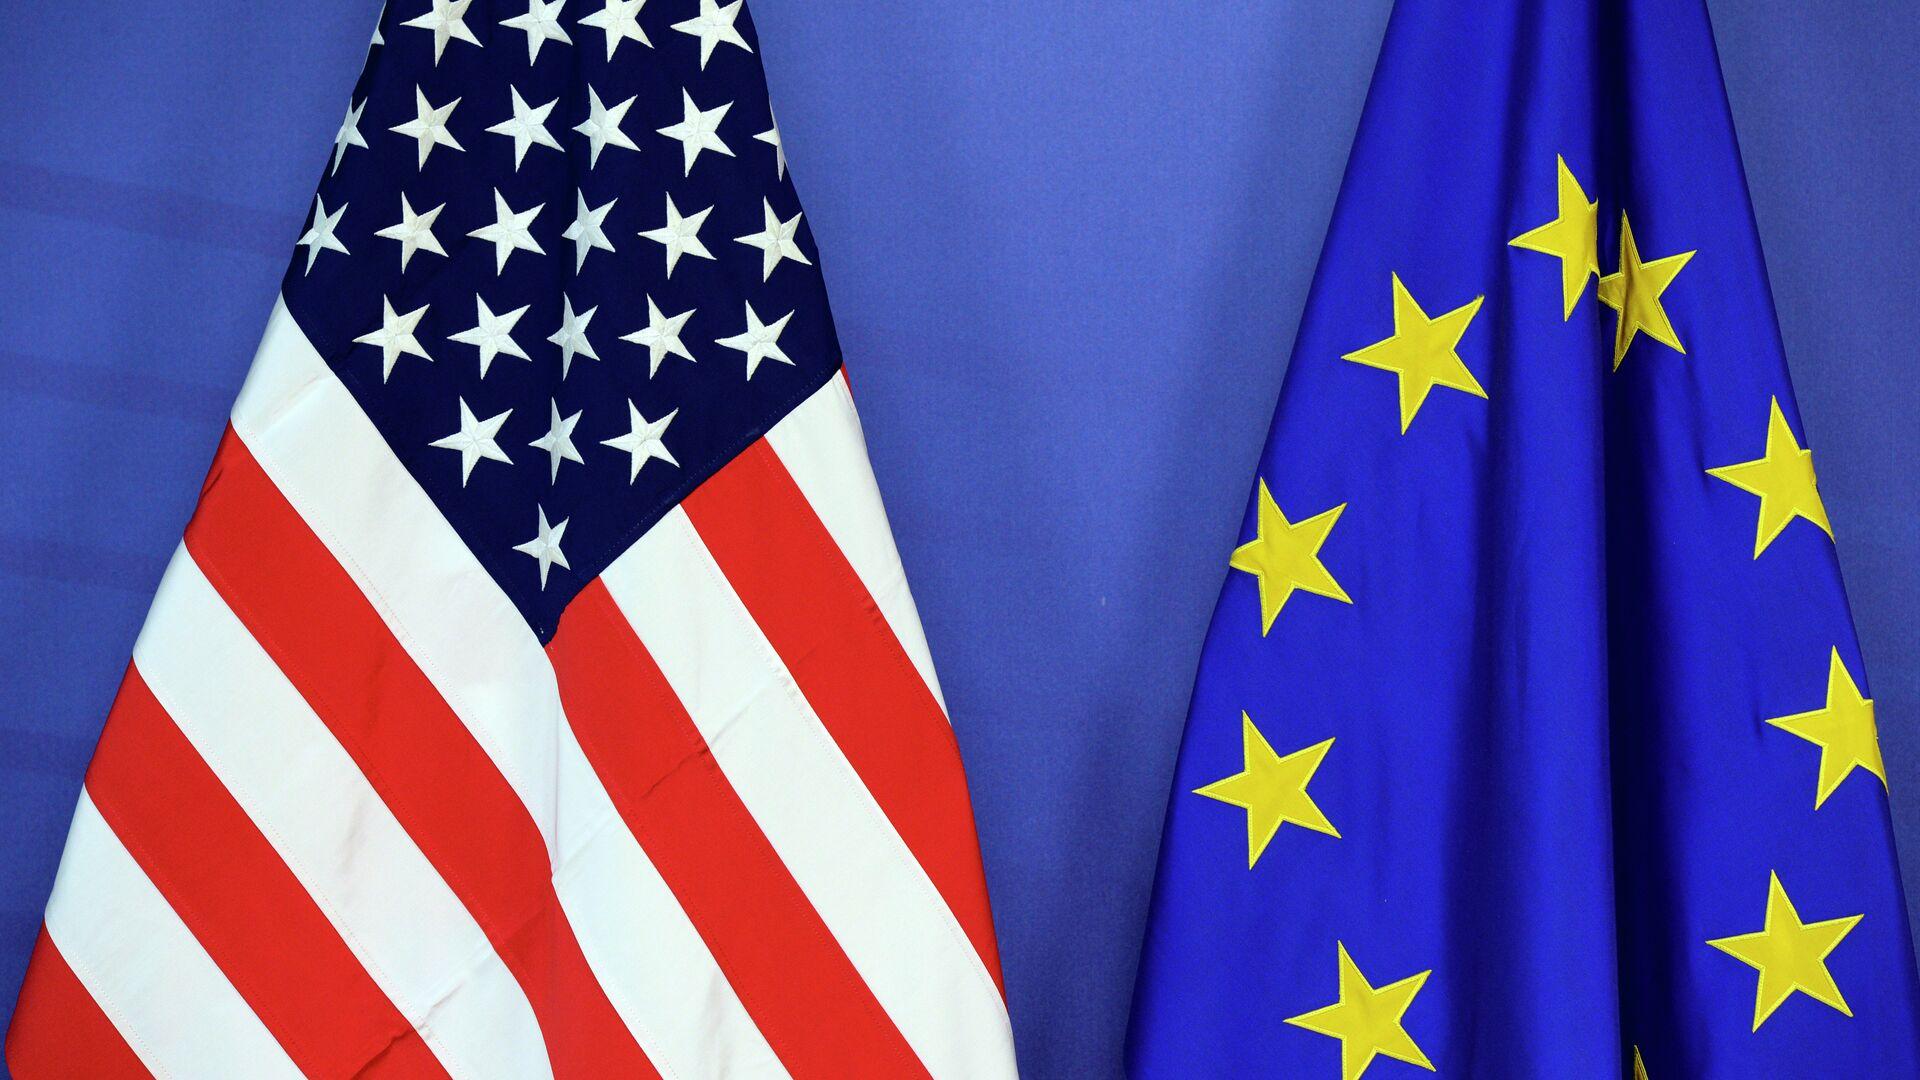 Le bandiere dell'UE e degli USA - Sputnik Italia, 1920, 08.06.2021